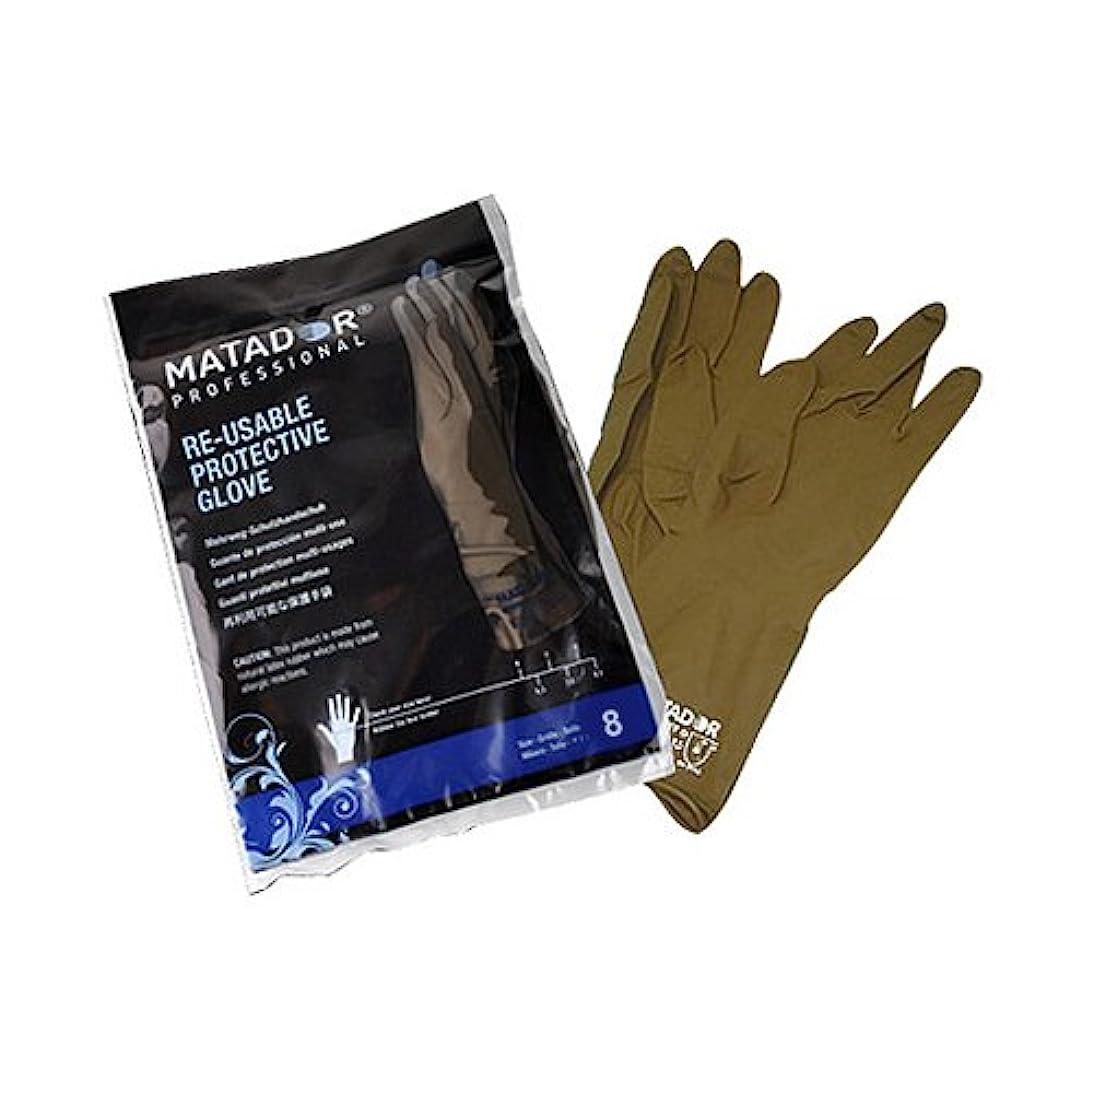 マーチャンダイジングお風呂を持っている夕暮れマタドールゴム手袋 8.0吋 【5個セット】